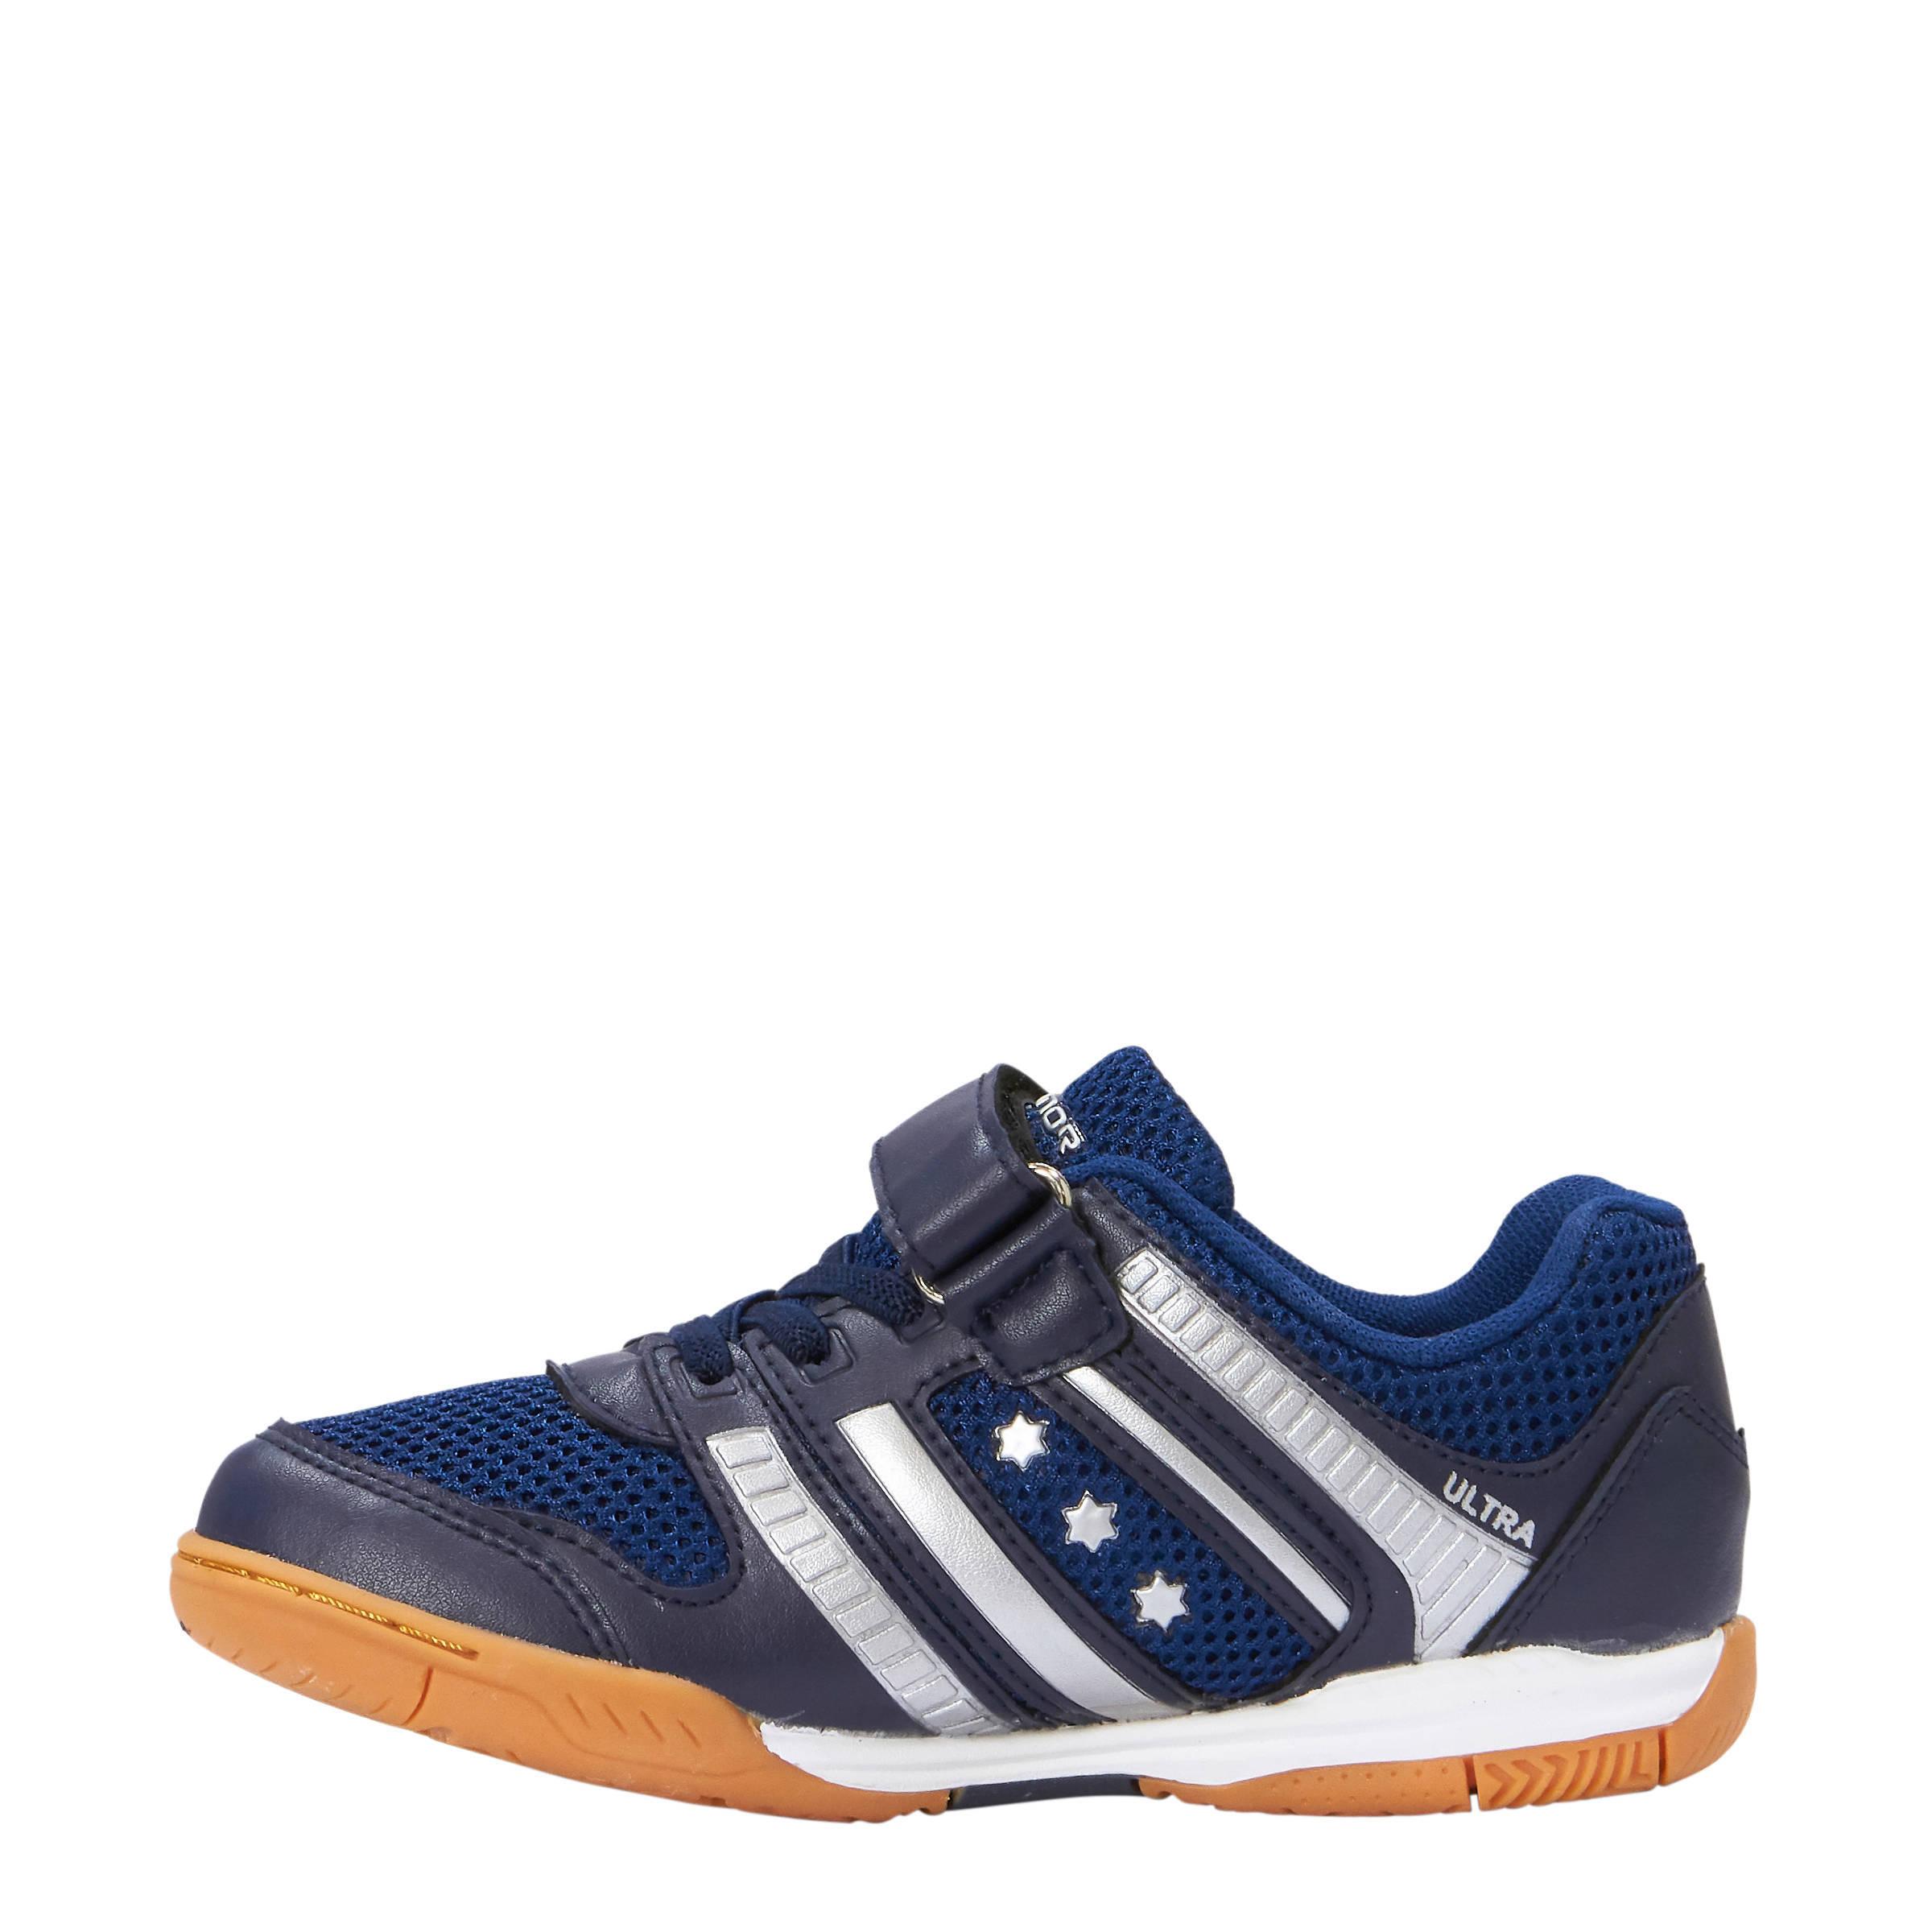 2b643c2cace Rucanor kids Ultra sportschoenen donkerblauw/zilver | wehkamp